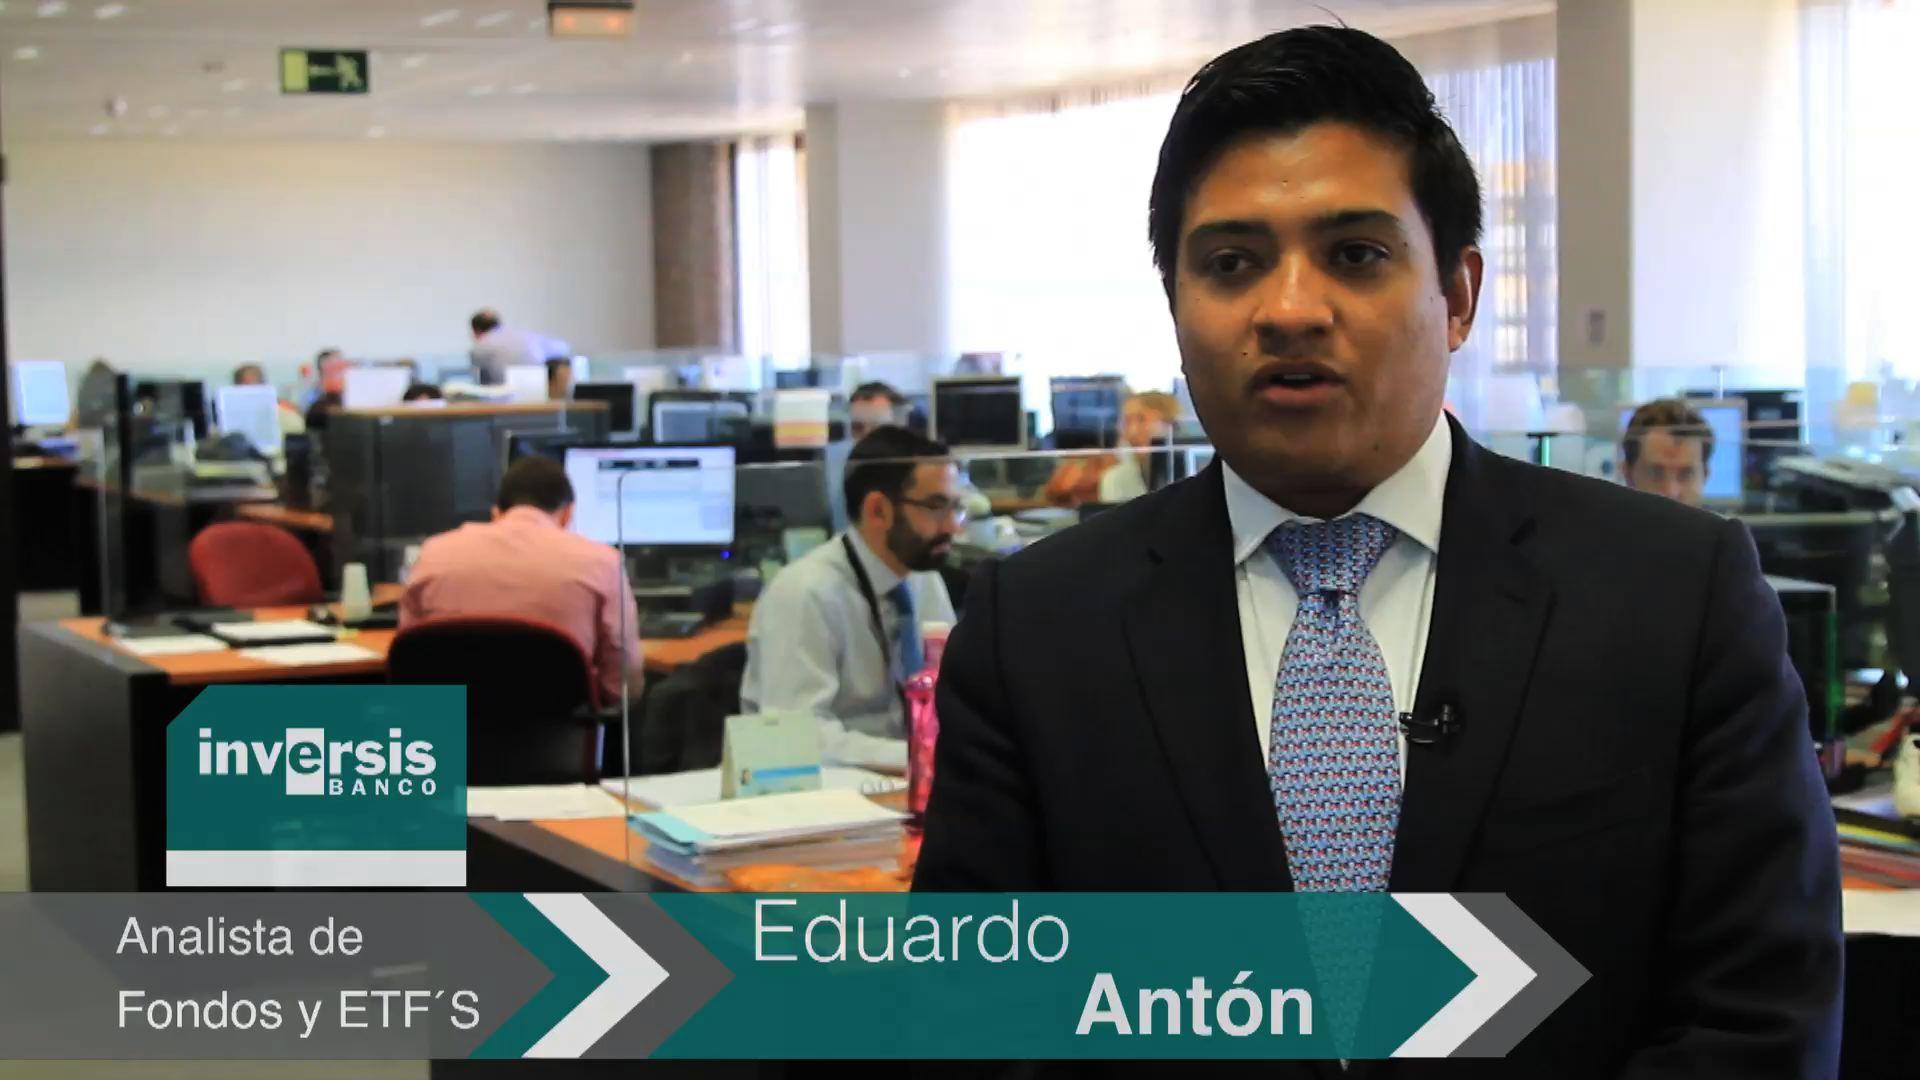 """Eduardo Antón: """"Antes de vacaciones, el inversor debe revisar su cartera para minimizar la volatilidad"""""""